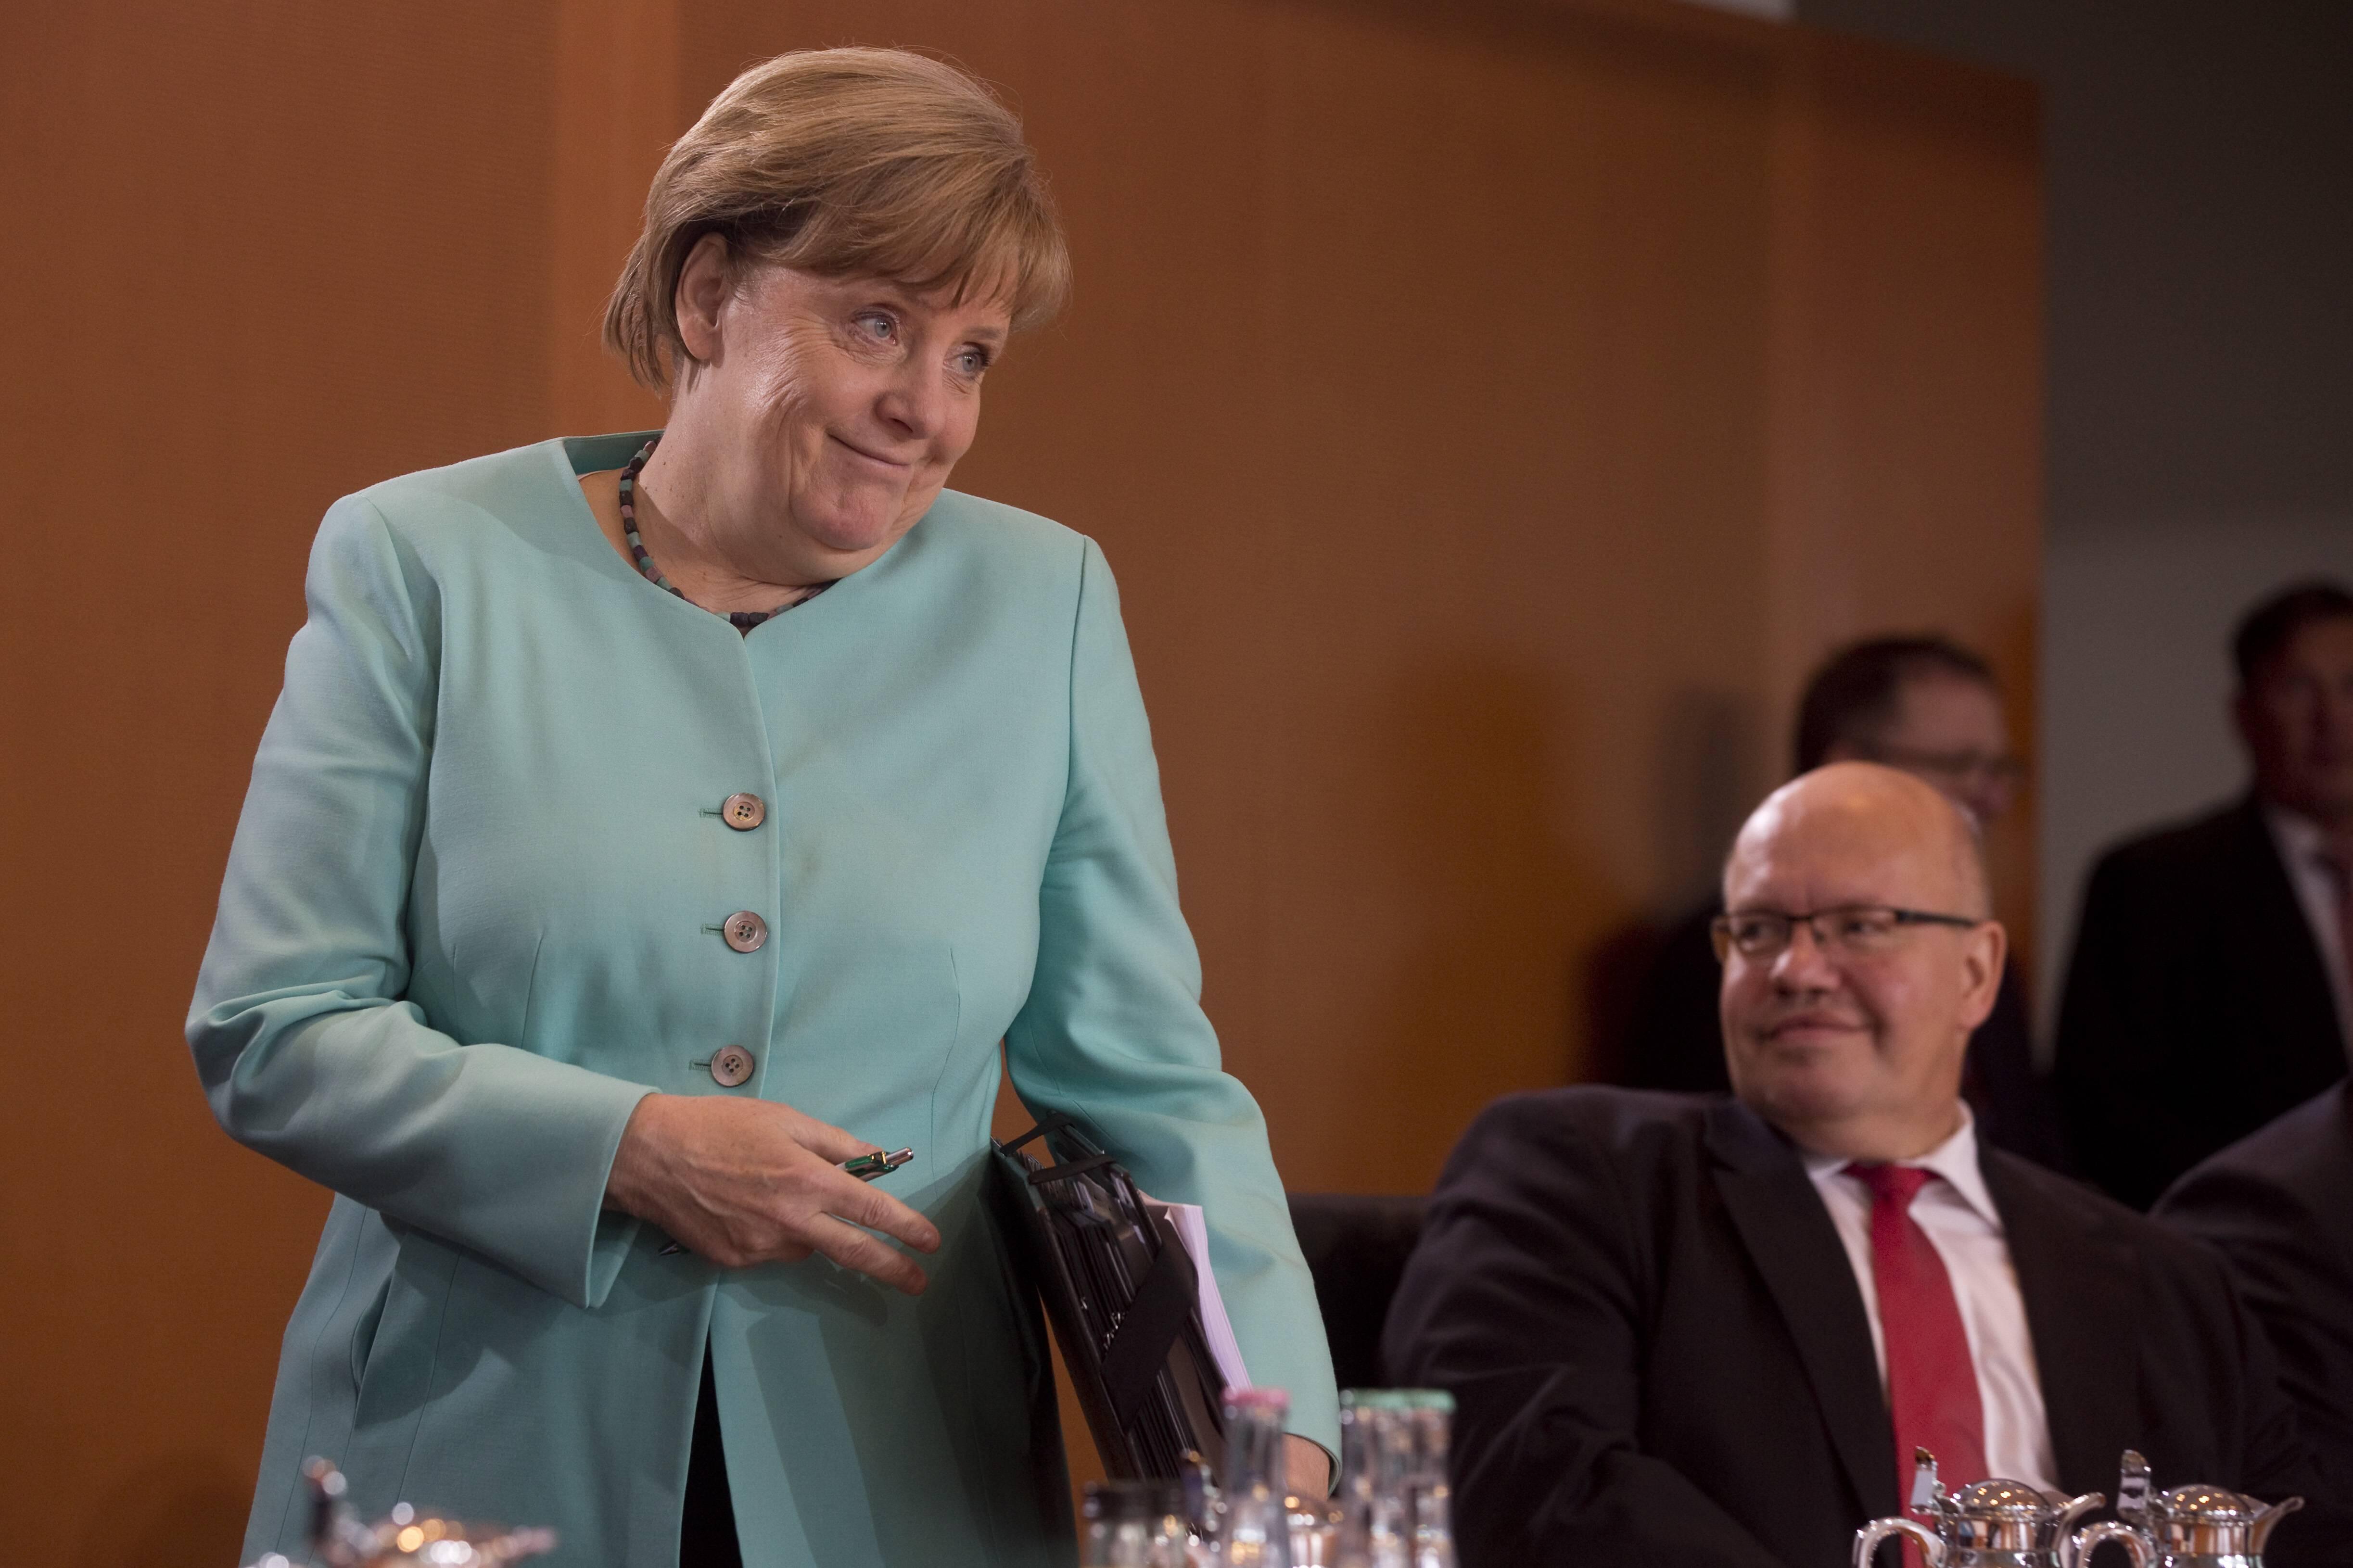 Bild zu Bundeskanzler, Angela Merkel, Bundestagswahl, Wahl 2017